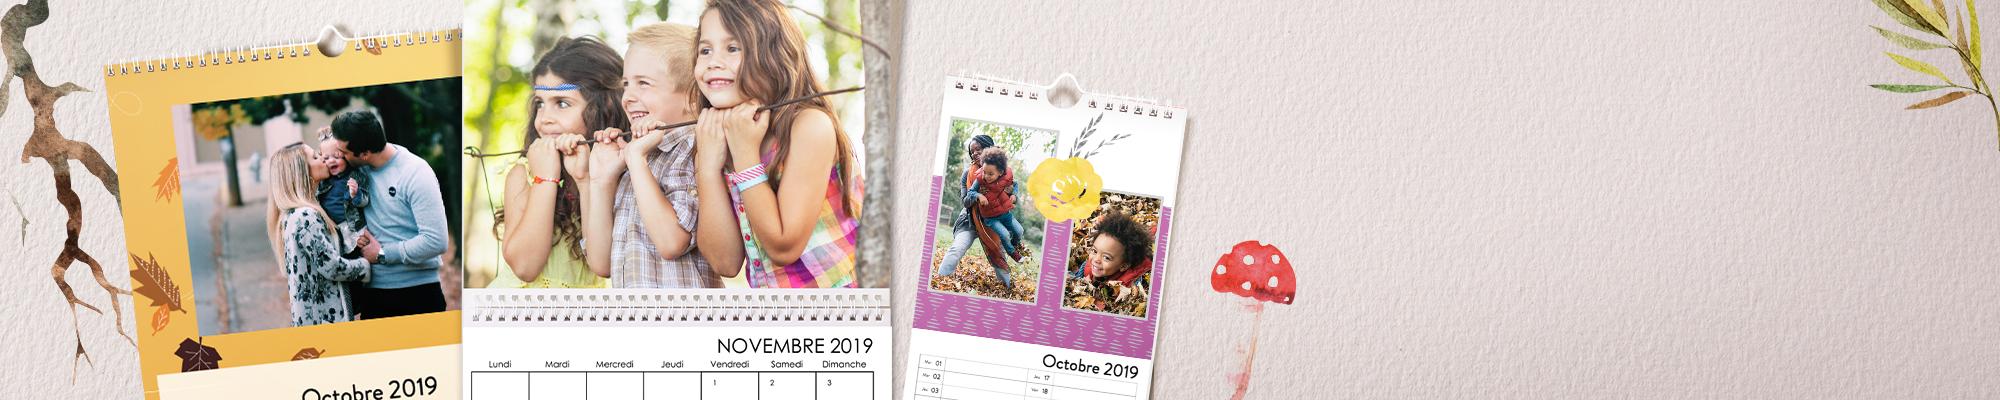 Calendriers personnalisés 2019 Pendant 365 jours profitez de vos plus belles photos personnalisées avec nos nouveautés : polices, designs et arrière-plans.